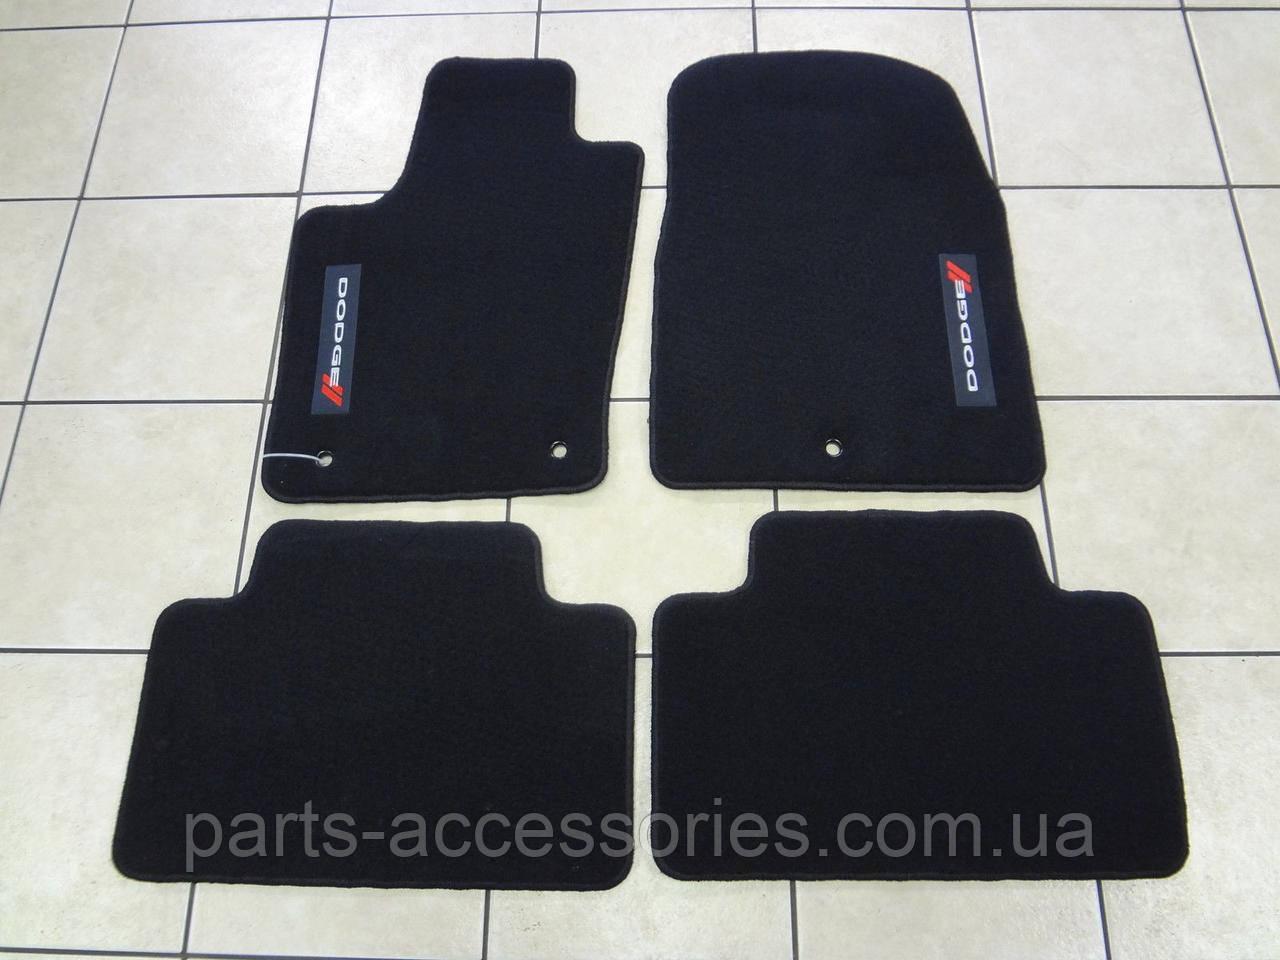 Dodge Durango 2011-17 коврики в салон велюровые черные Новые Оригинальные